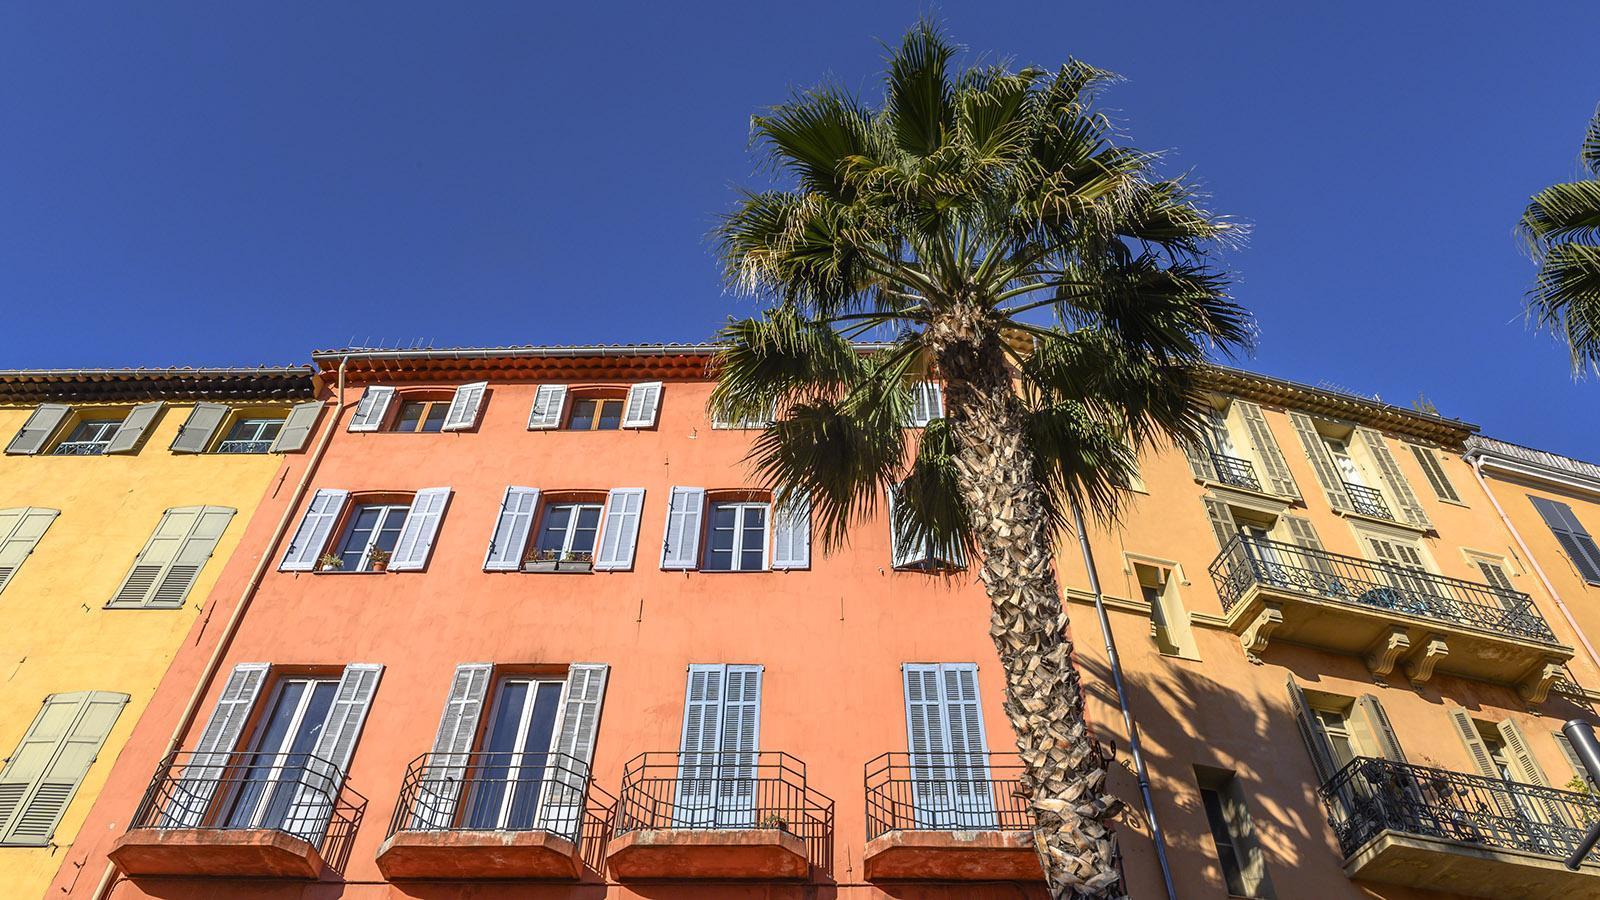 Sonnengelb und Ockerrot: die Fassaden von Grasse künden vom Süden - und dem nahen Italien. Foto: Hilke Maunder